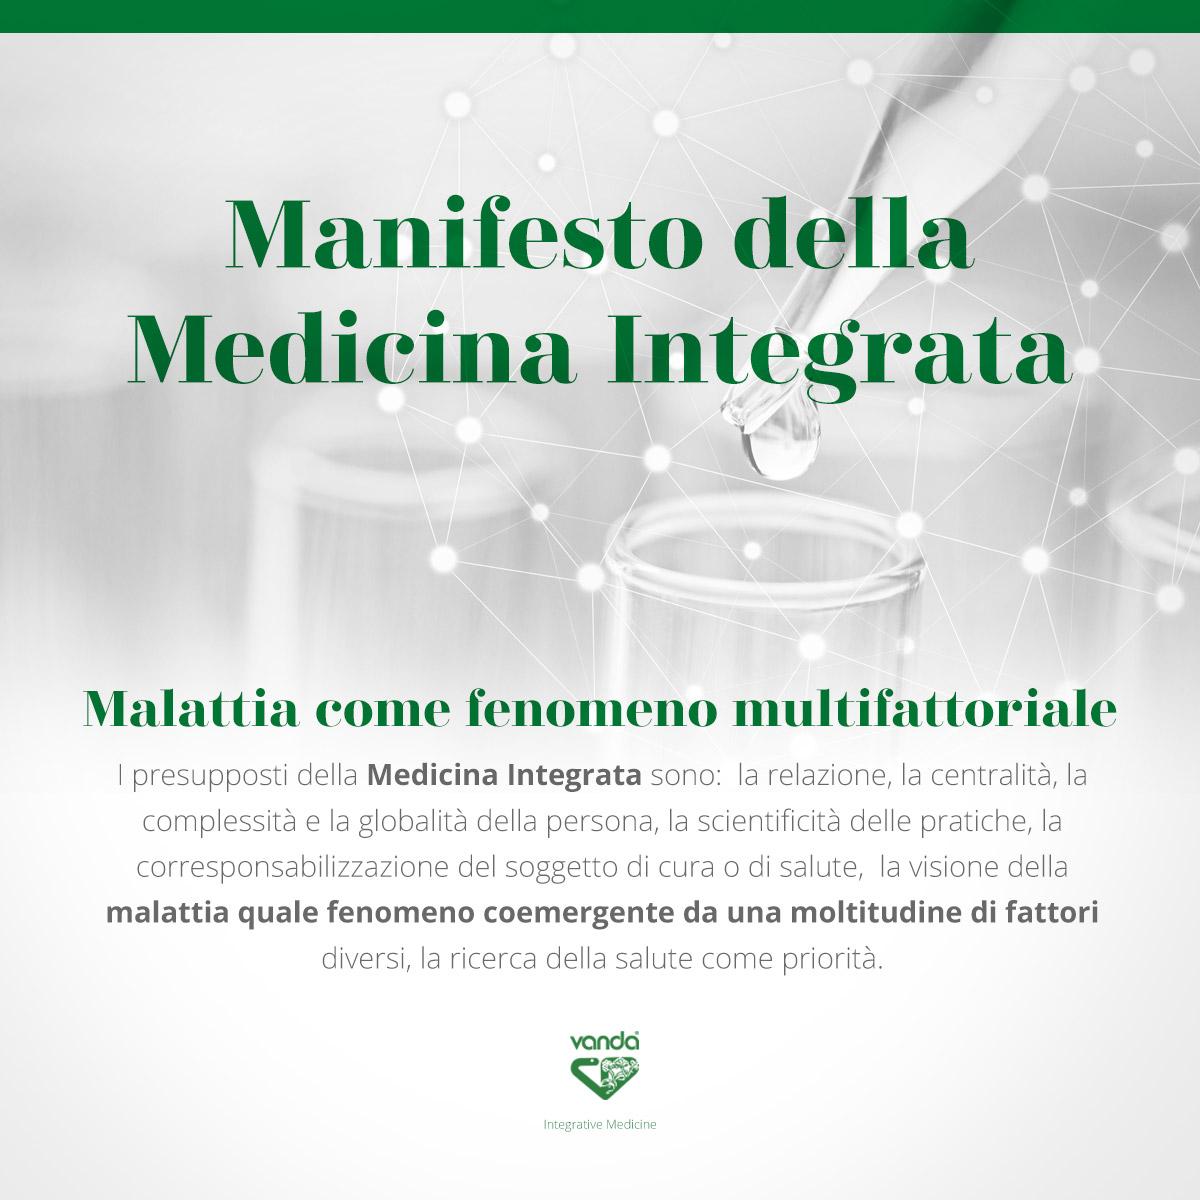 la medicina integrata interpreta la malattia come un fenomeno multifattoriale